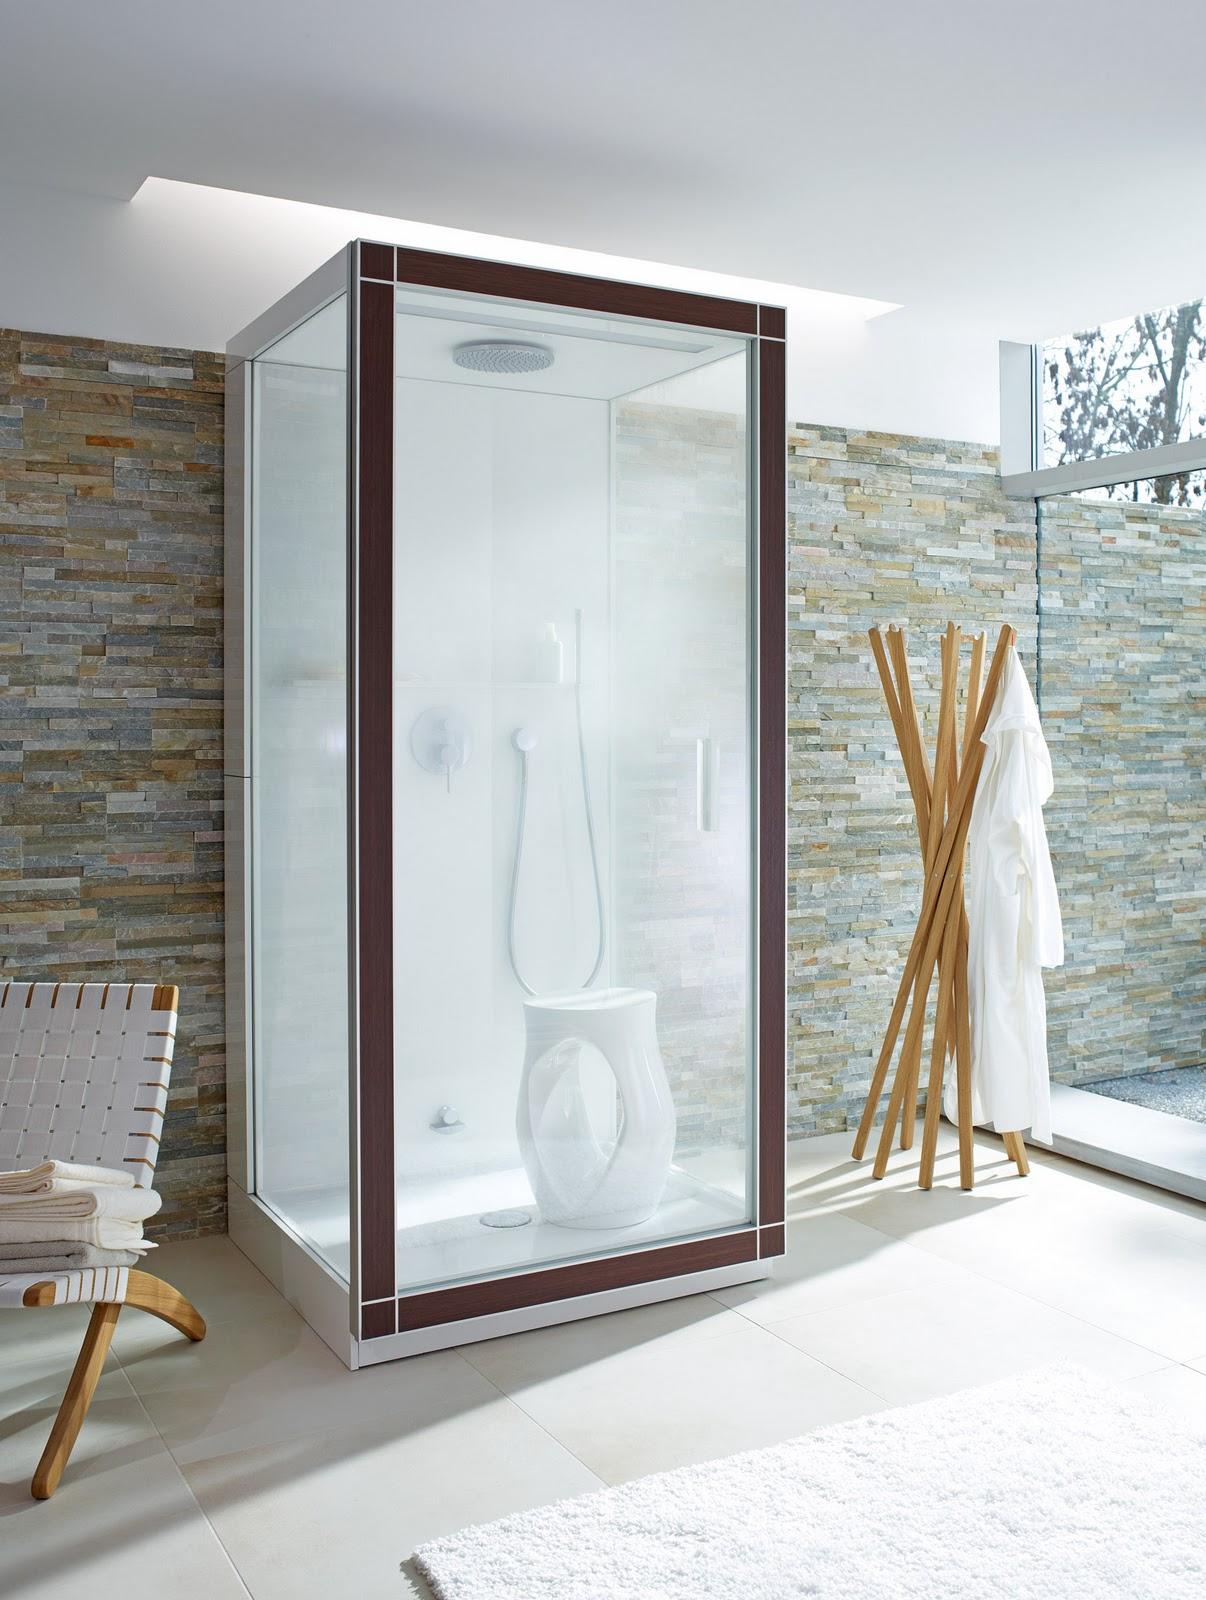 Cabinas De Baño Sauna: en ningún sitio: Tendencias 2012 para decorar el baño ¡de lujo